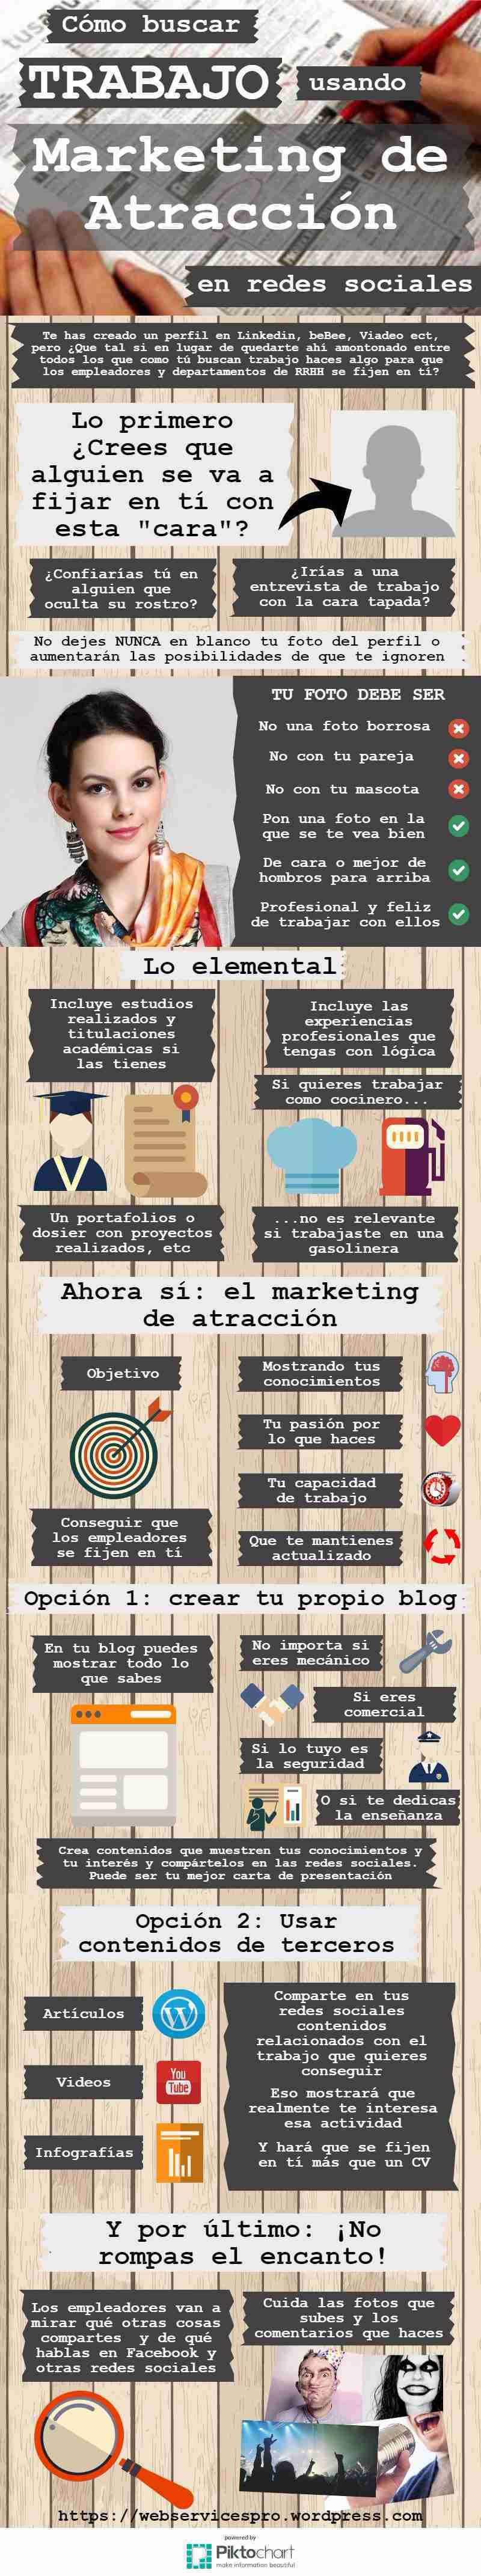 Buscar trabajo con marketing de atracción en Redes Sociales